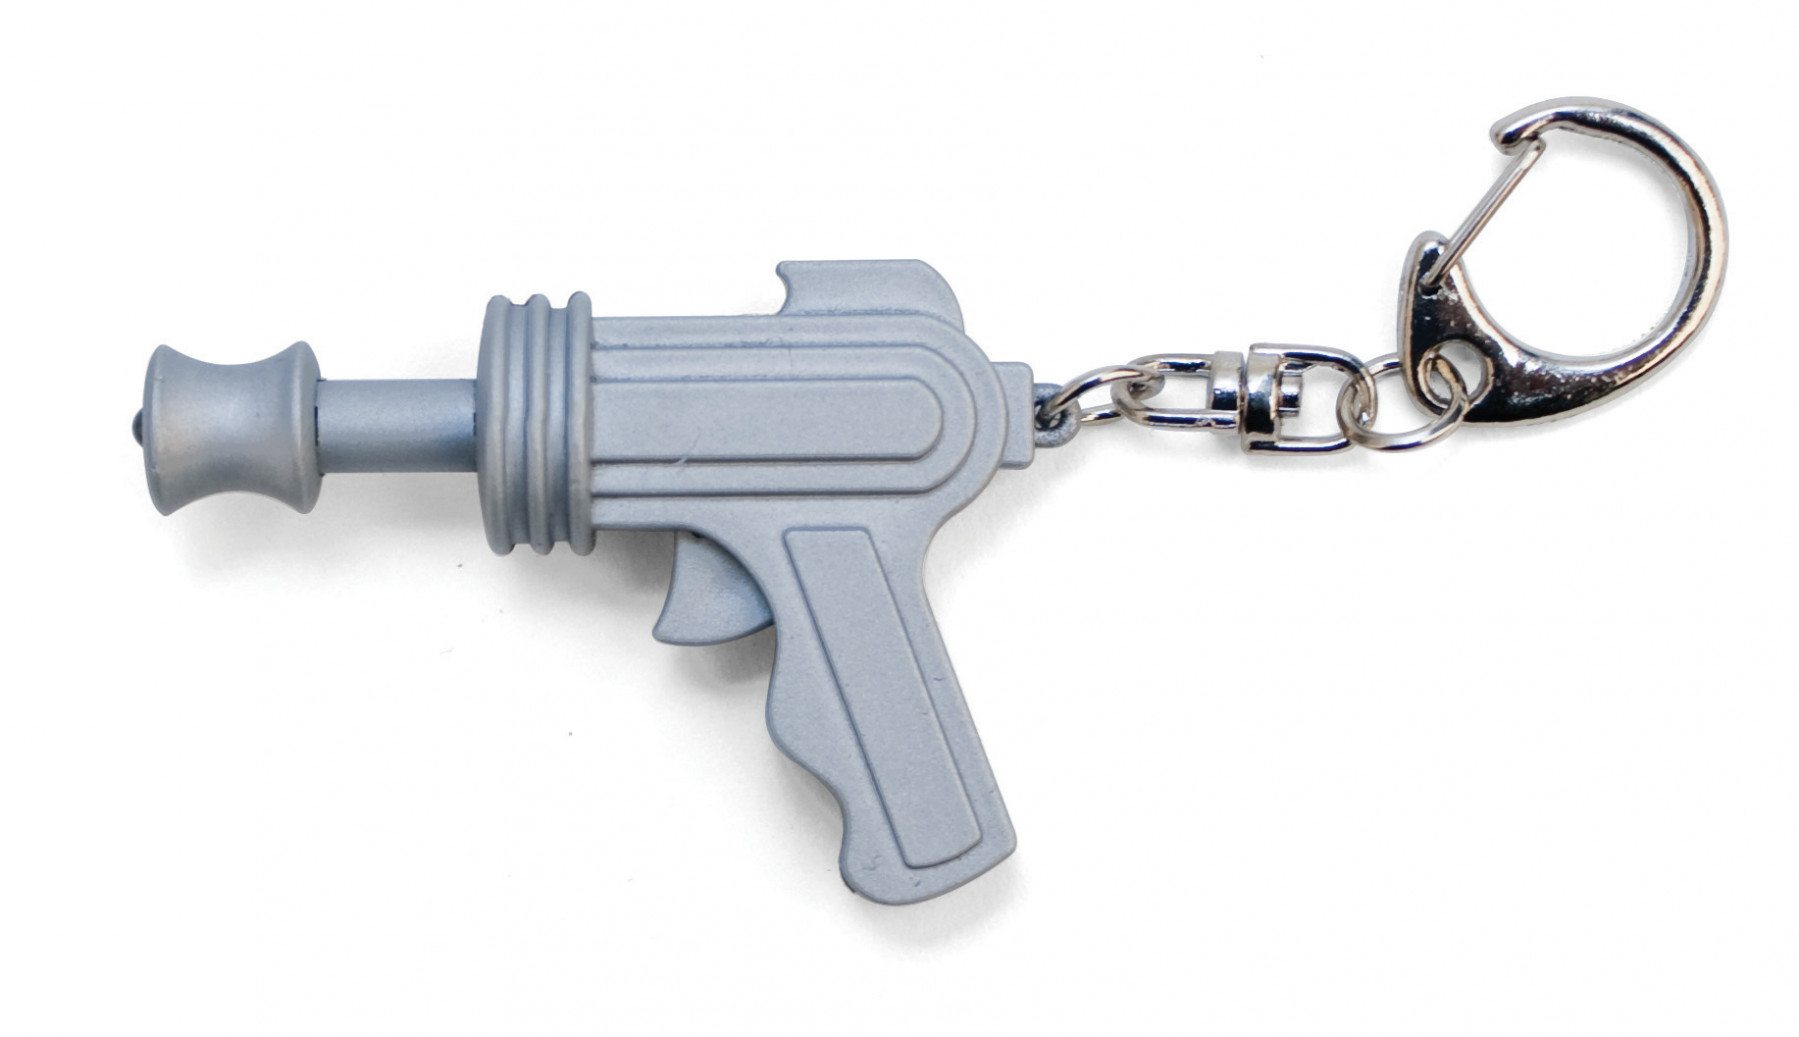 LED-sleutelhanger space gun